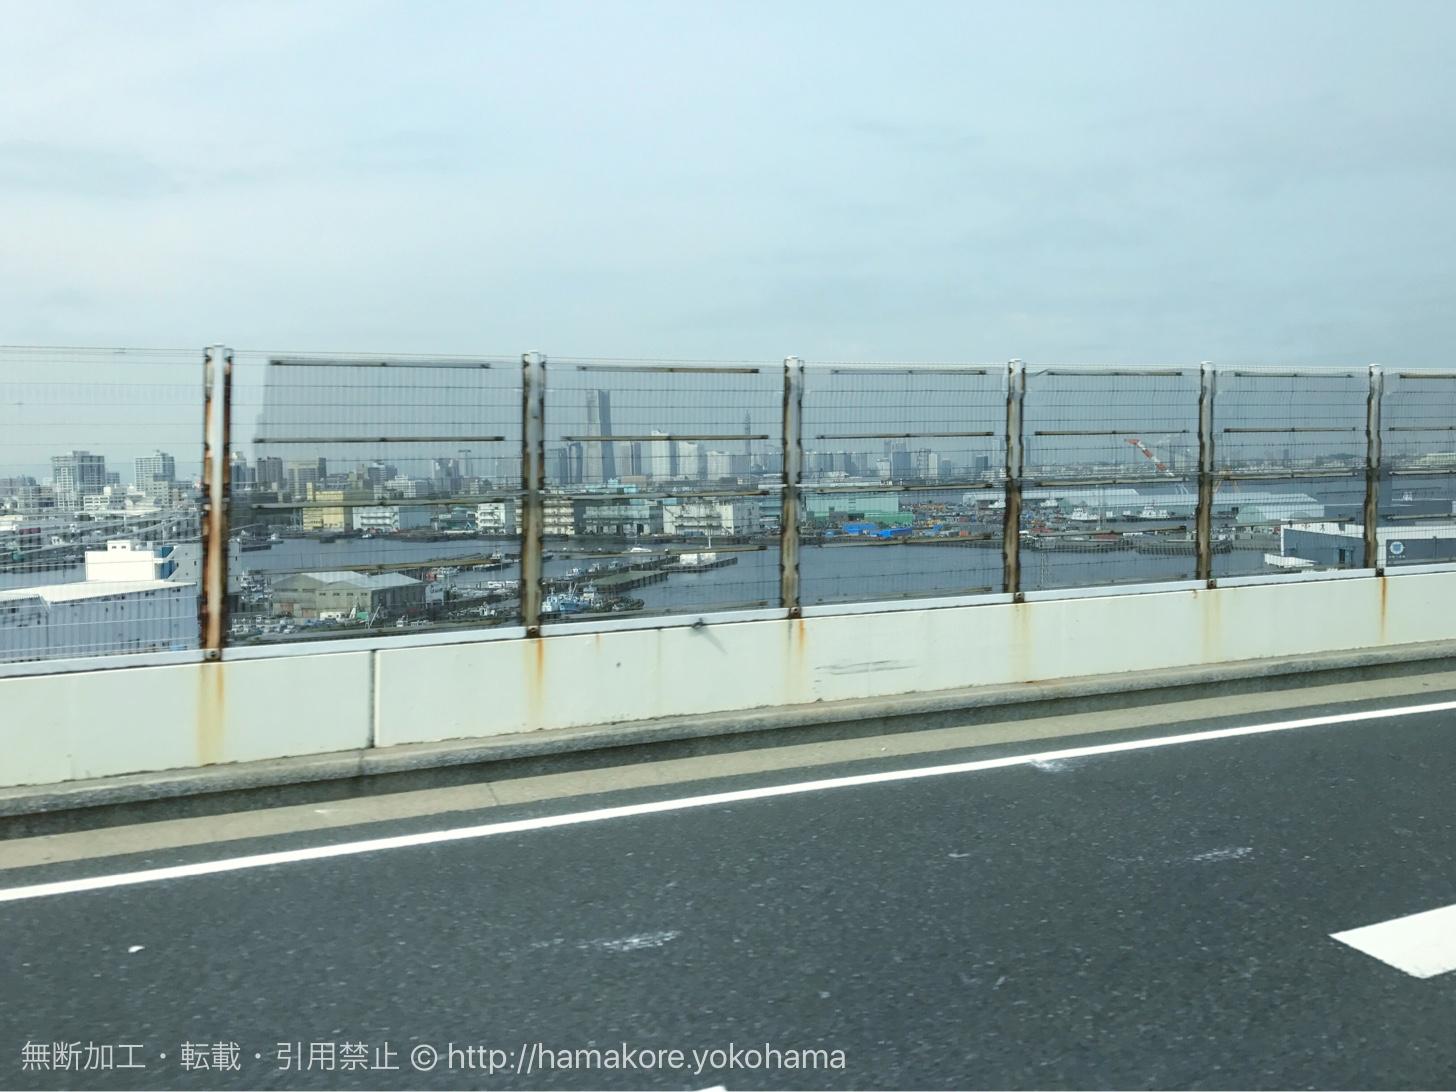 バスから見た横浜の景色